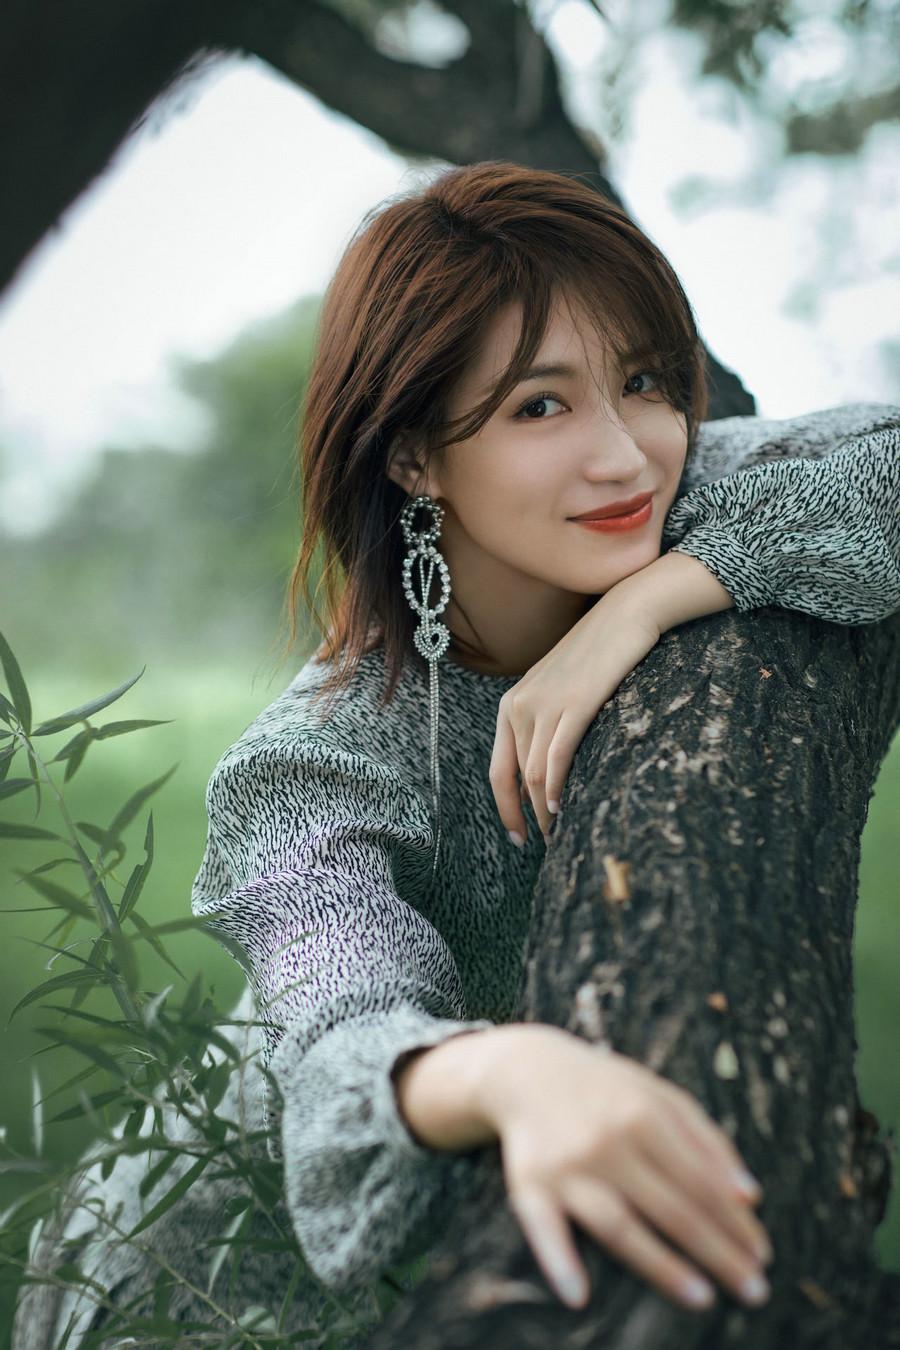 苏青森女系写真 夏日清新气质满满